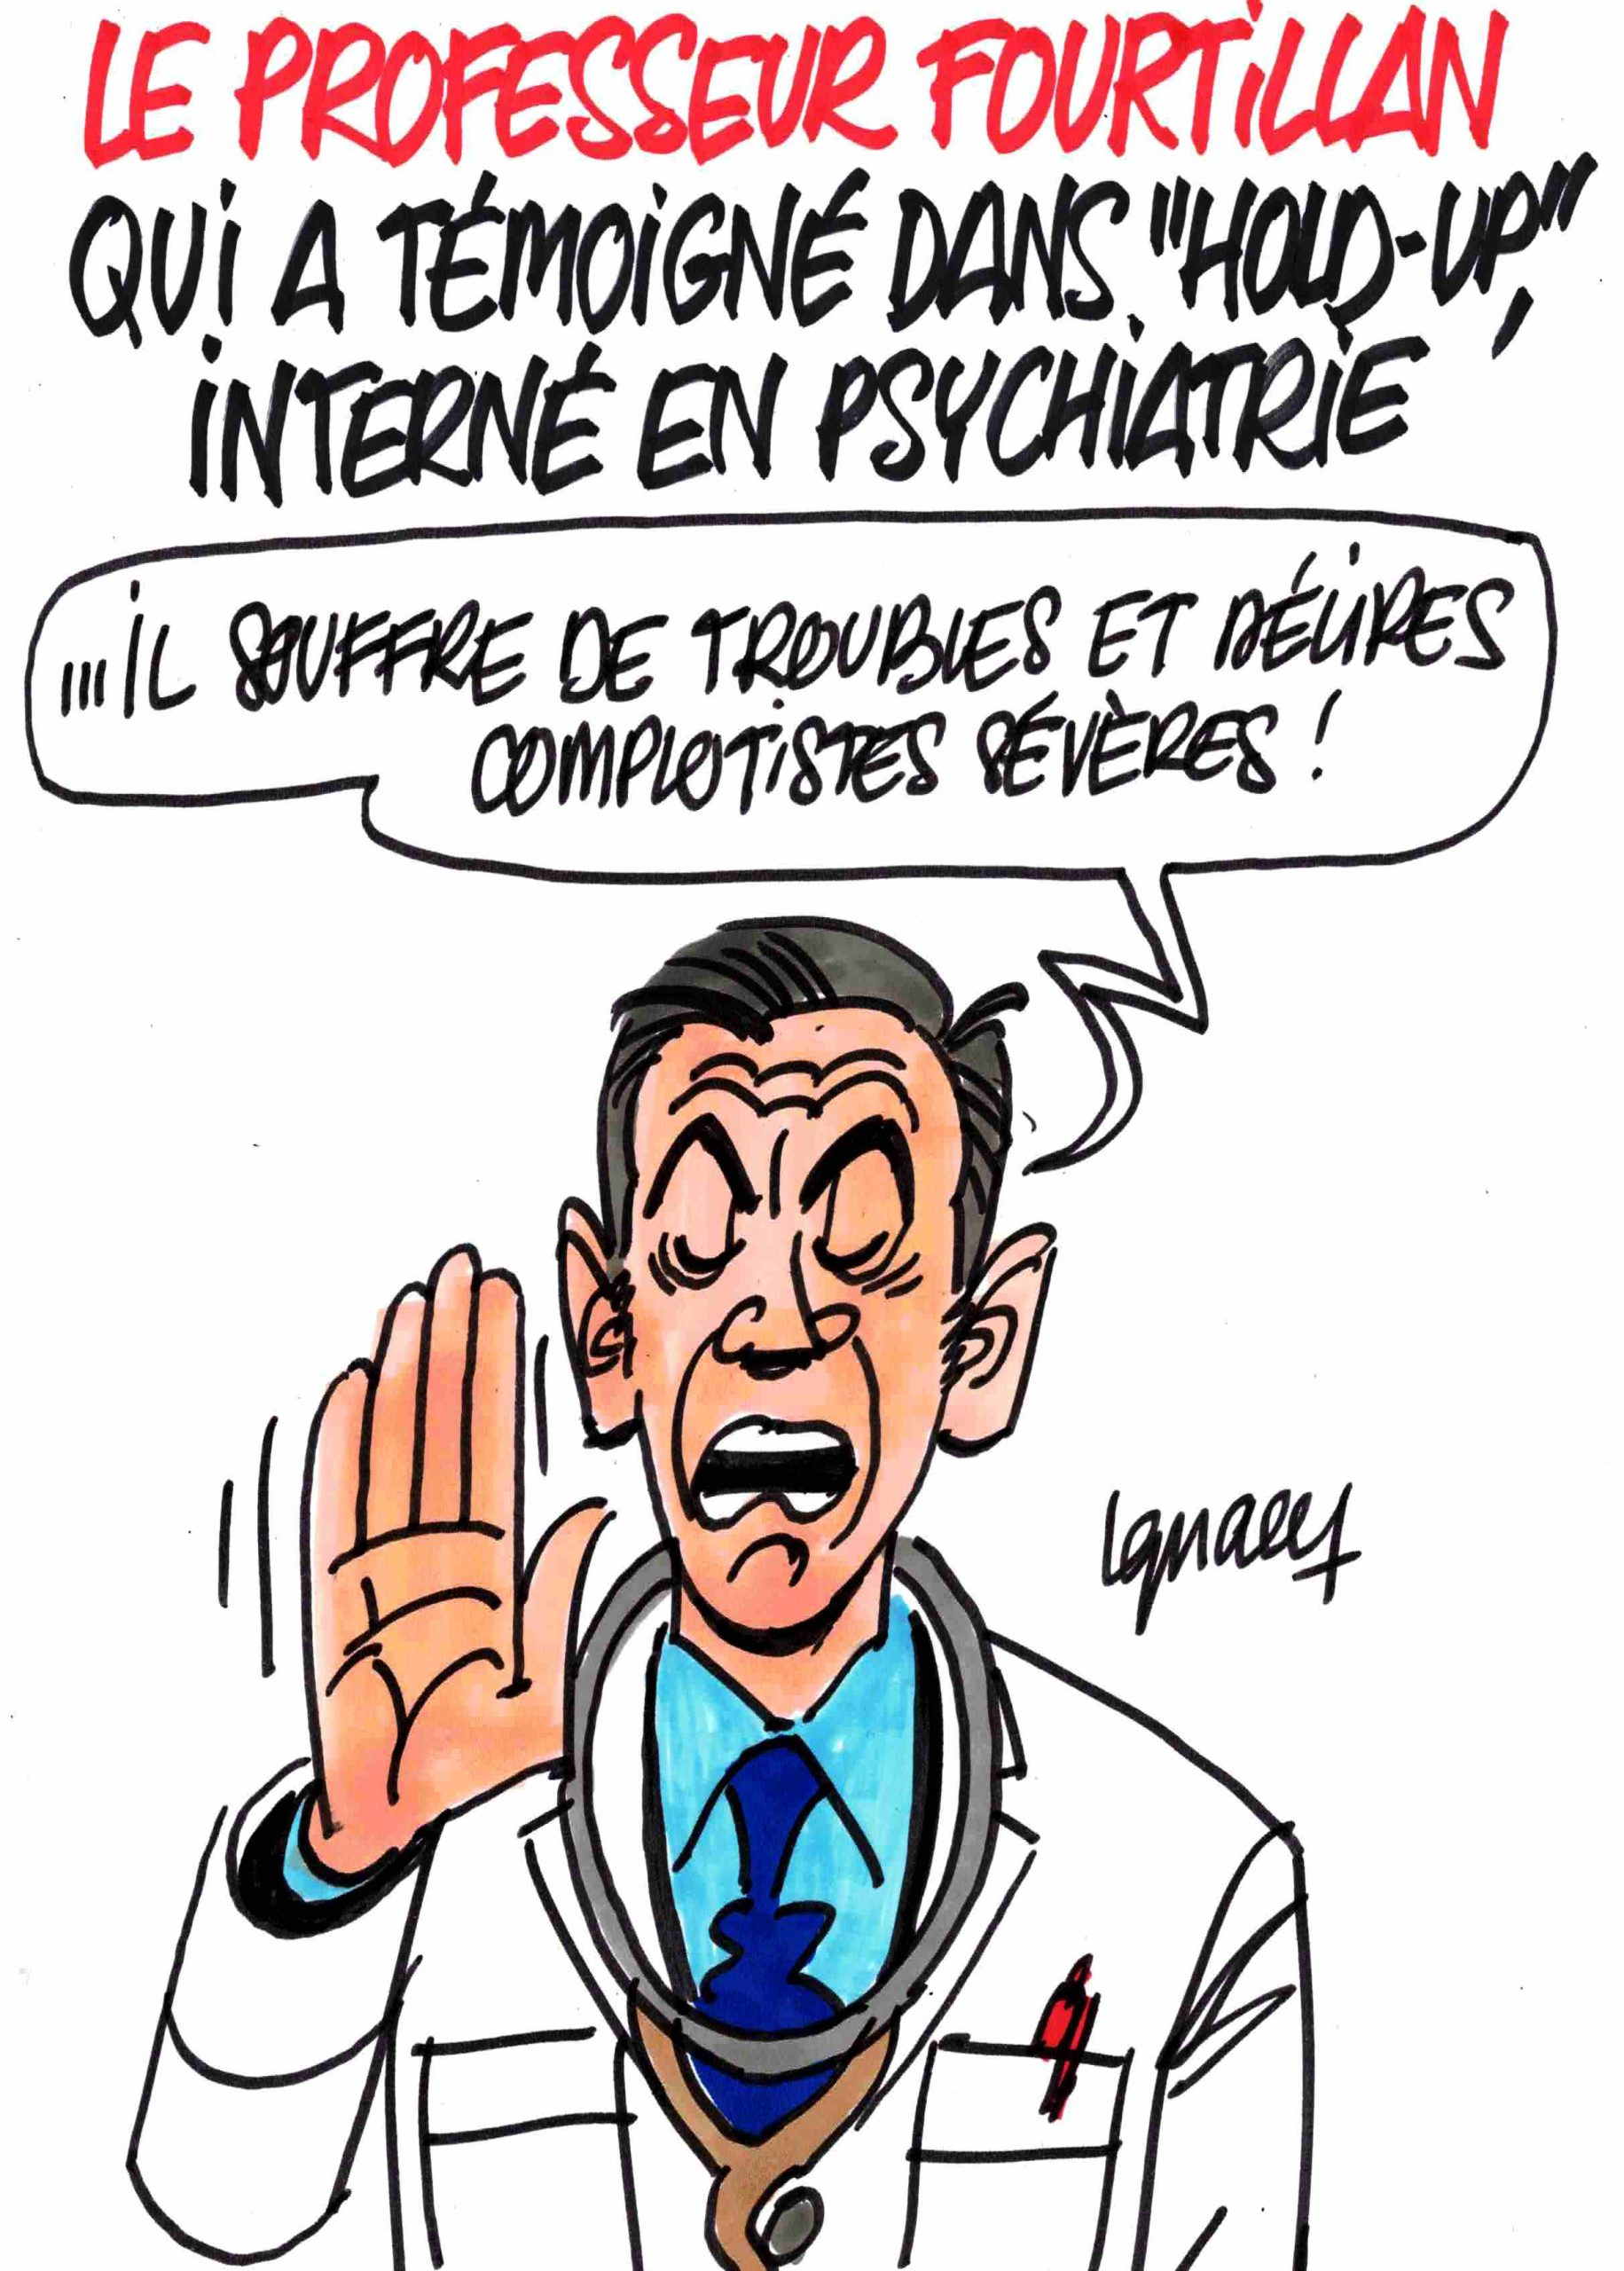 Ignace - Le professeur Fourtillan interné